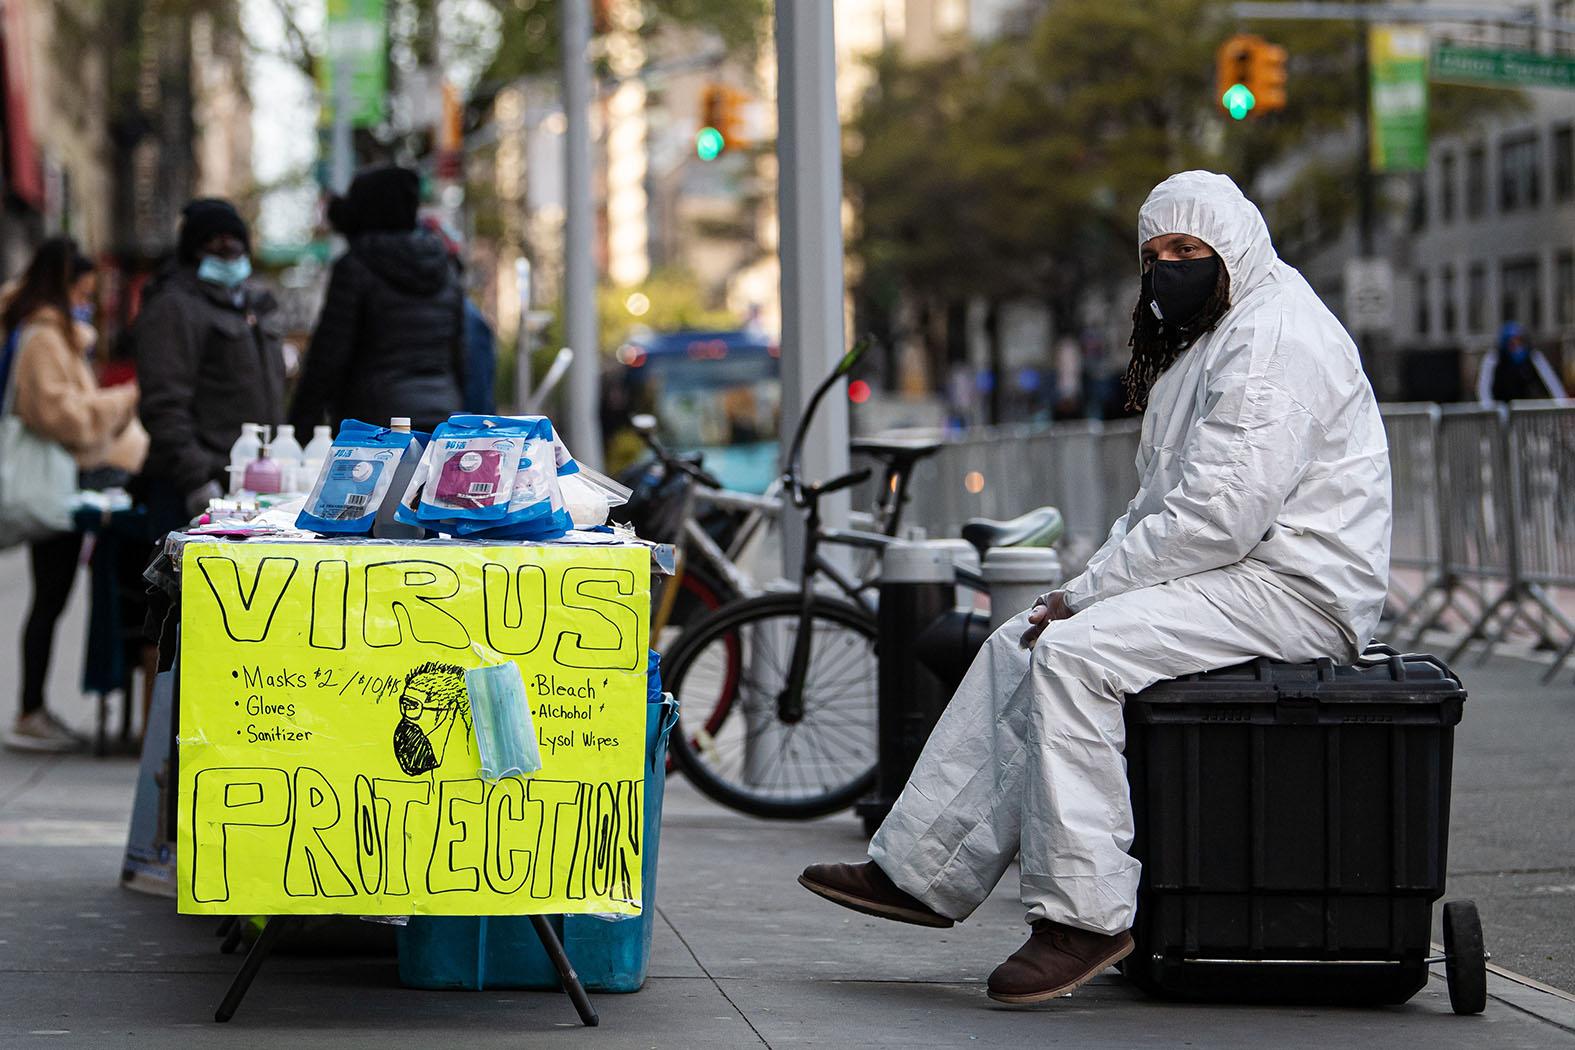 Китай заигрался по западным правилам: От Пекина требуют заплатить за коронавирус по полной